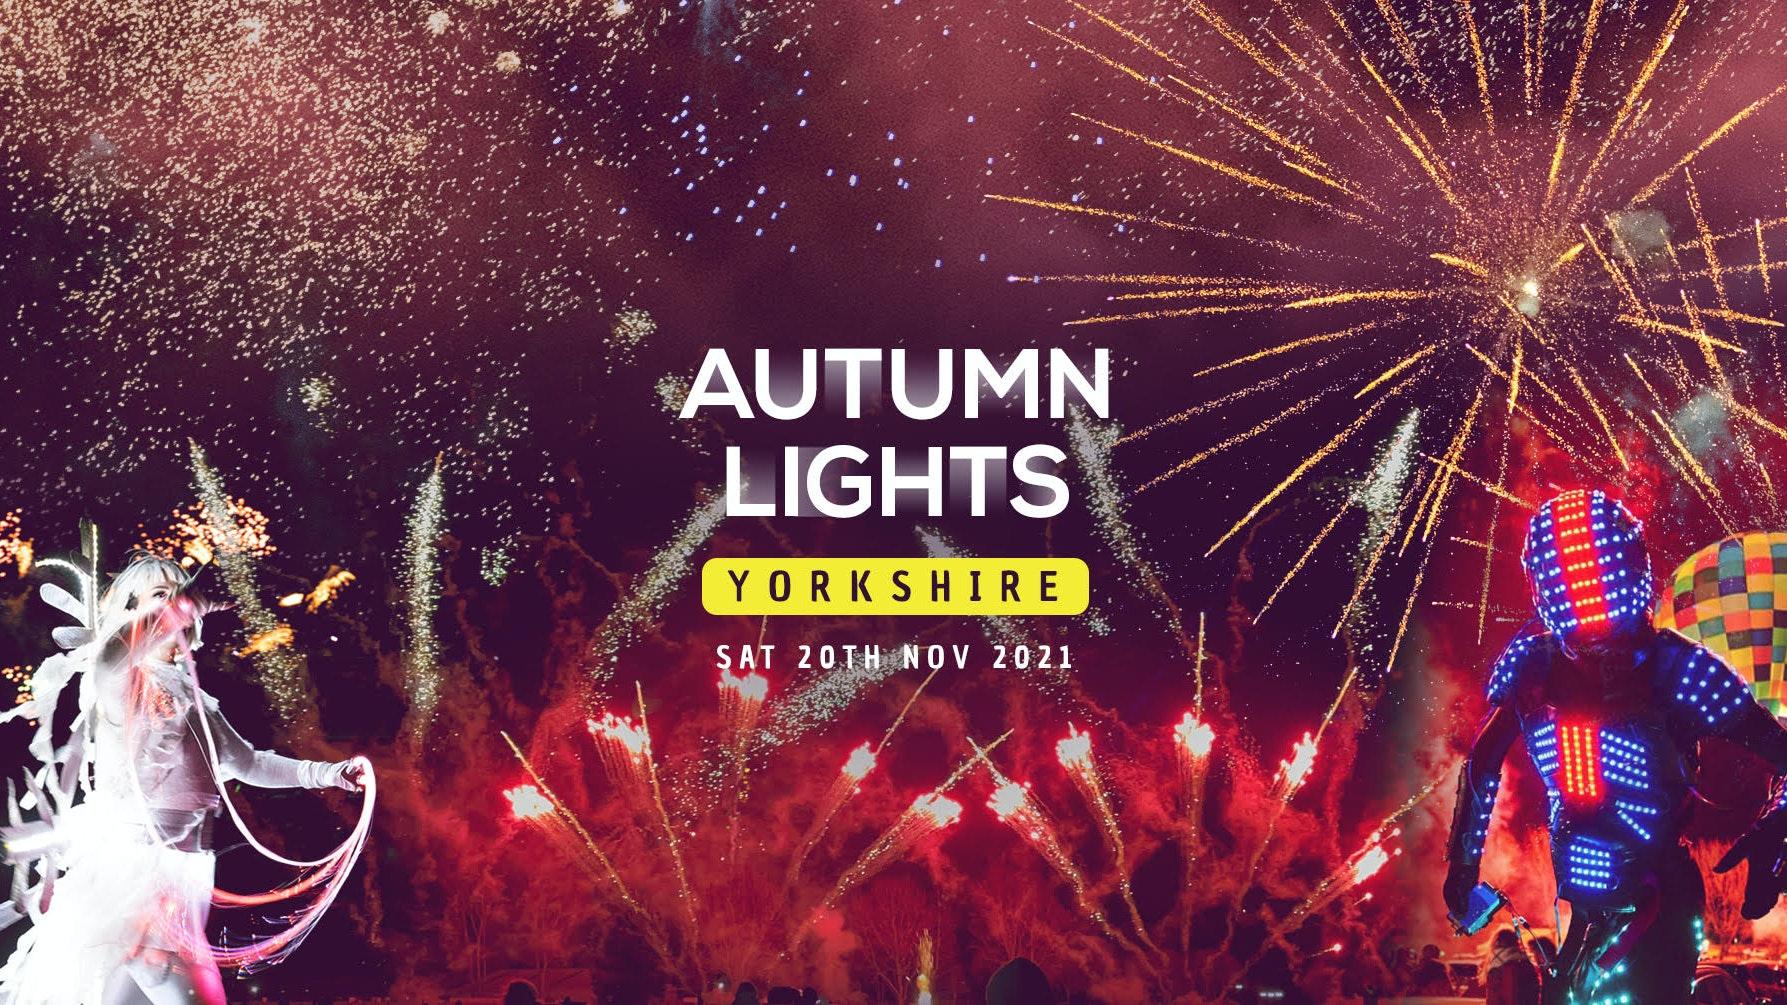 Autumn Lights – York 2021